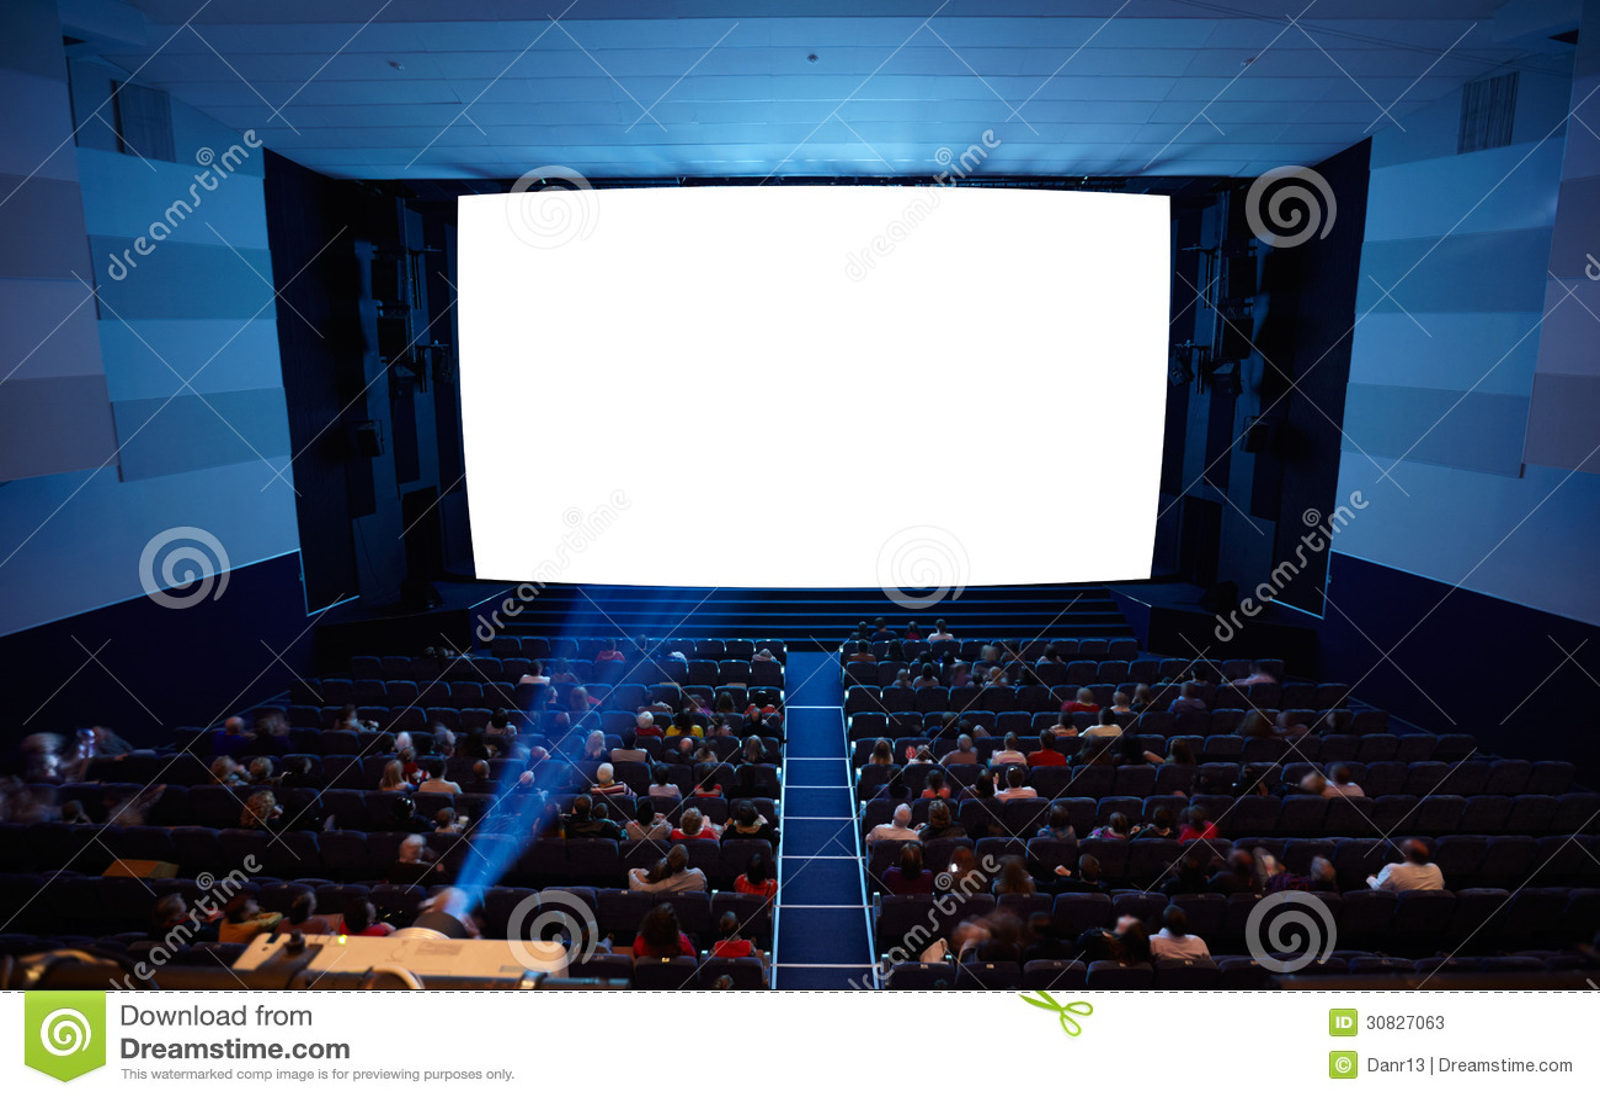 Sala del cinema con luce del proiettore.